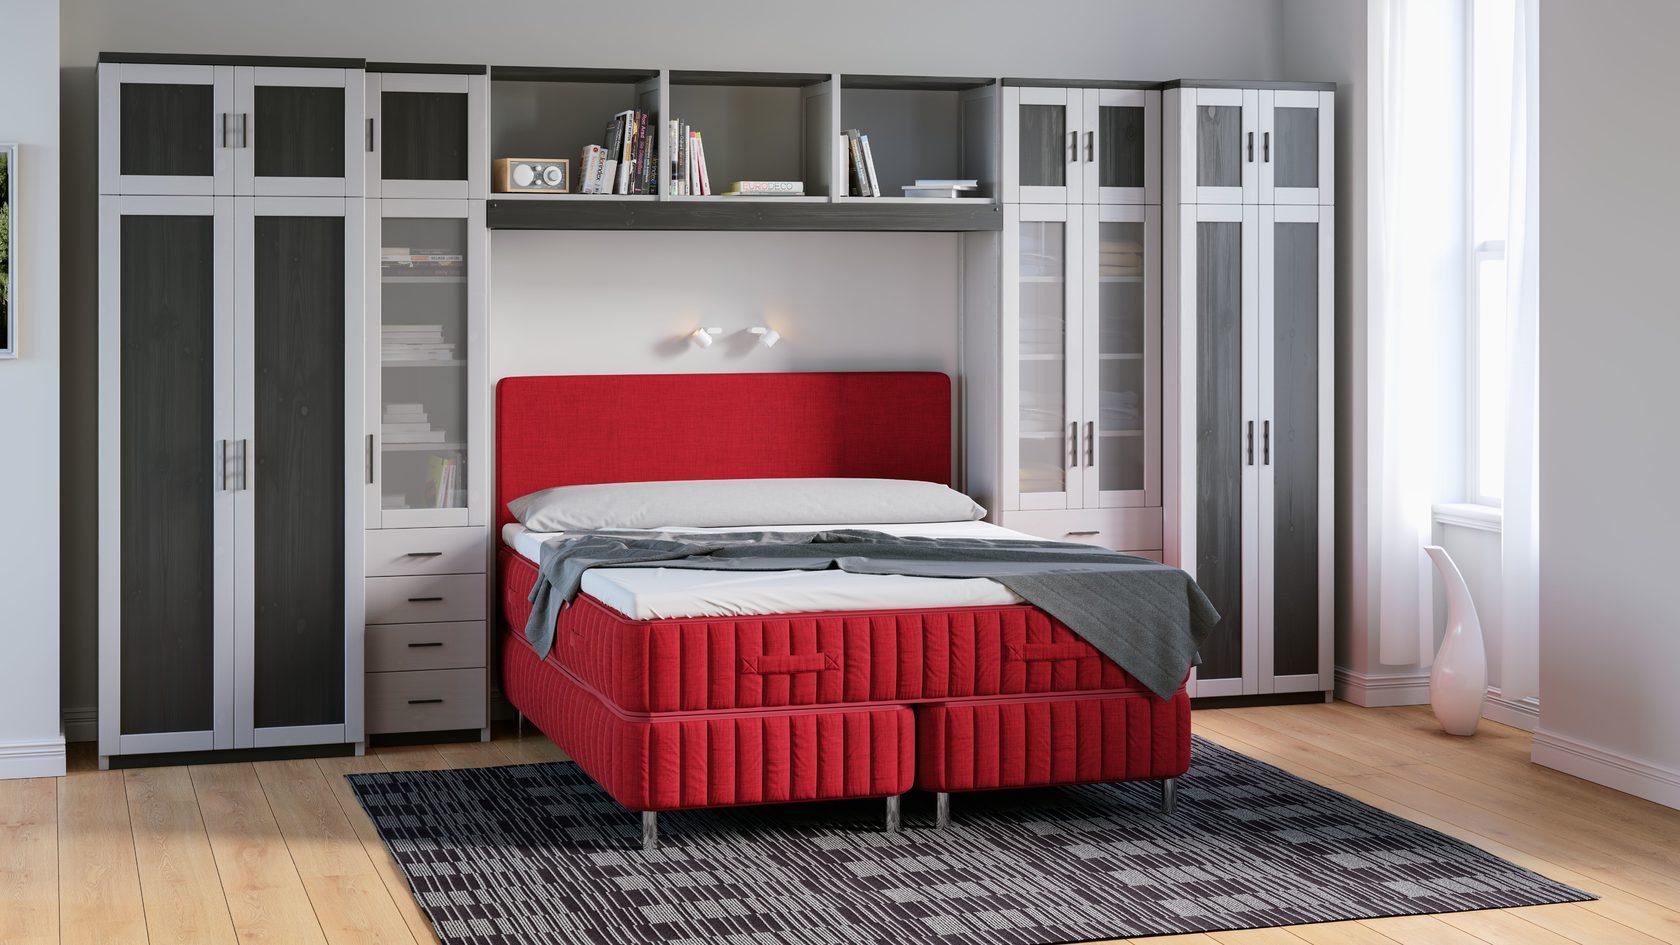 Regale Laden RLB Berlin GmbH - Betten, Schranksysteme und Matratzen